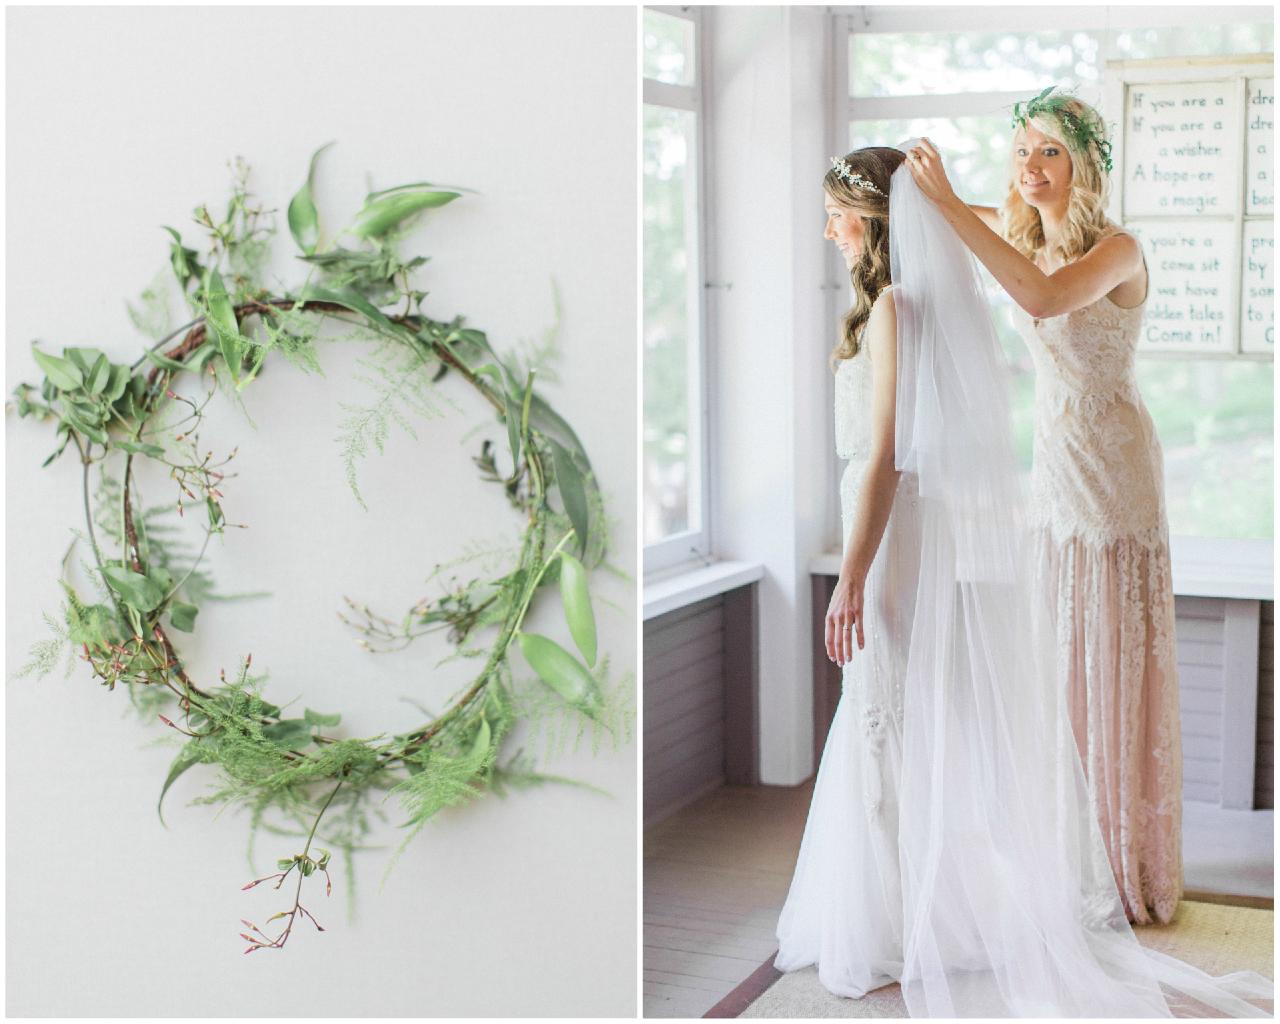 Real Weddings Instagram: Real Weddings :: Crissie & Mike's Fern Infused Frankfort